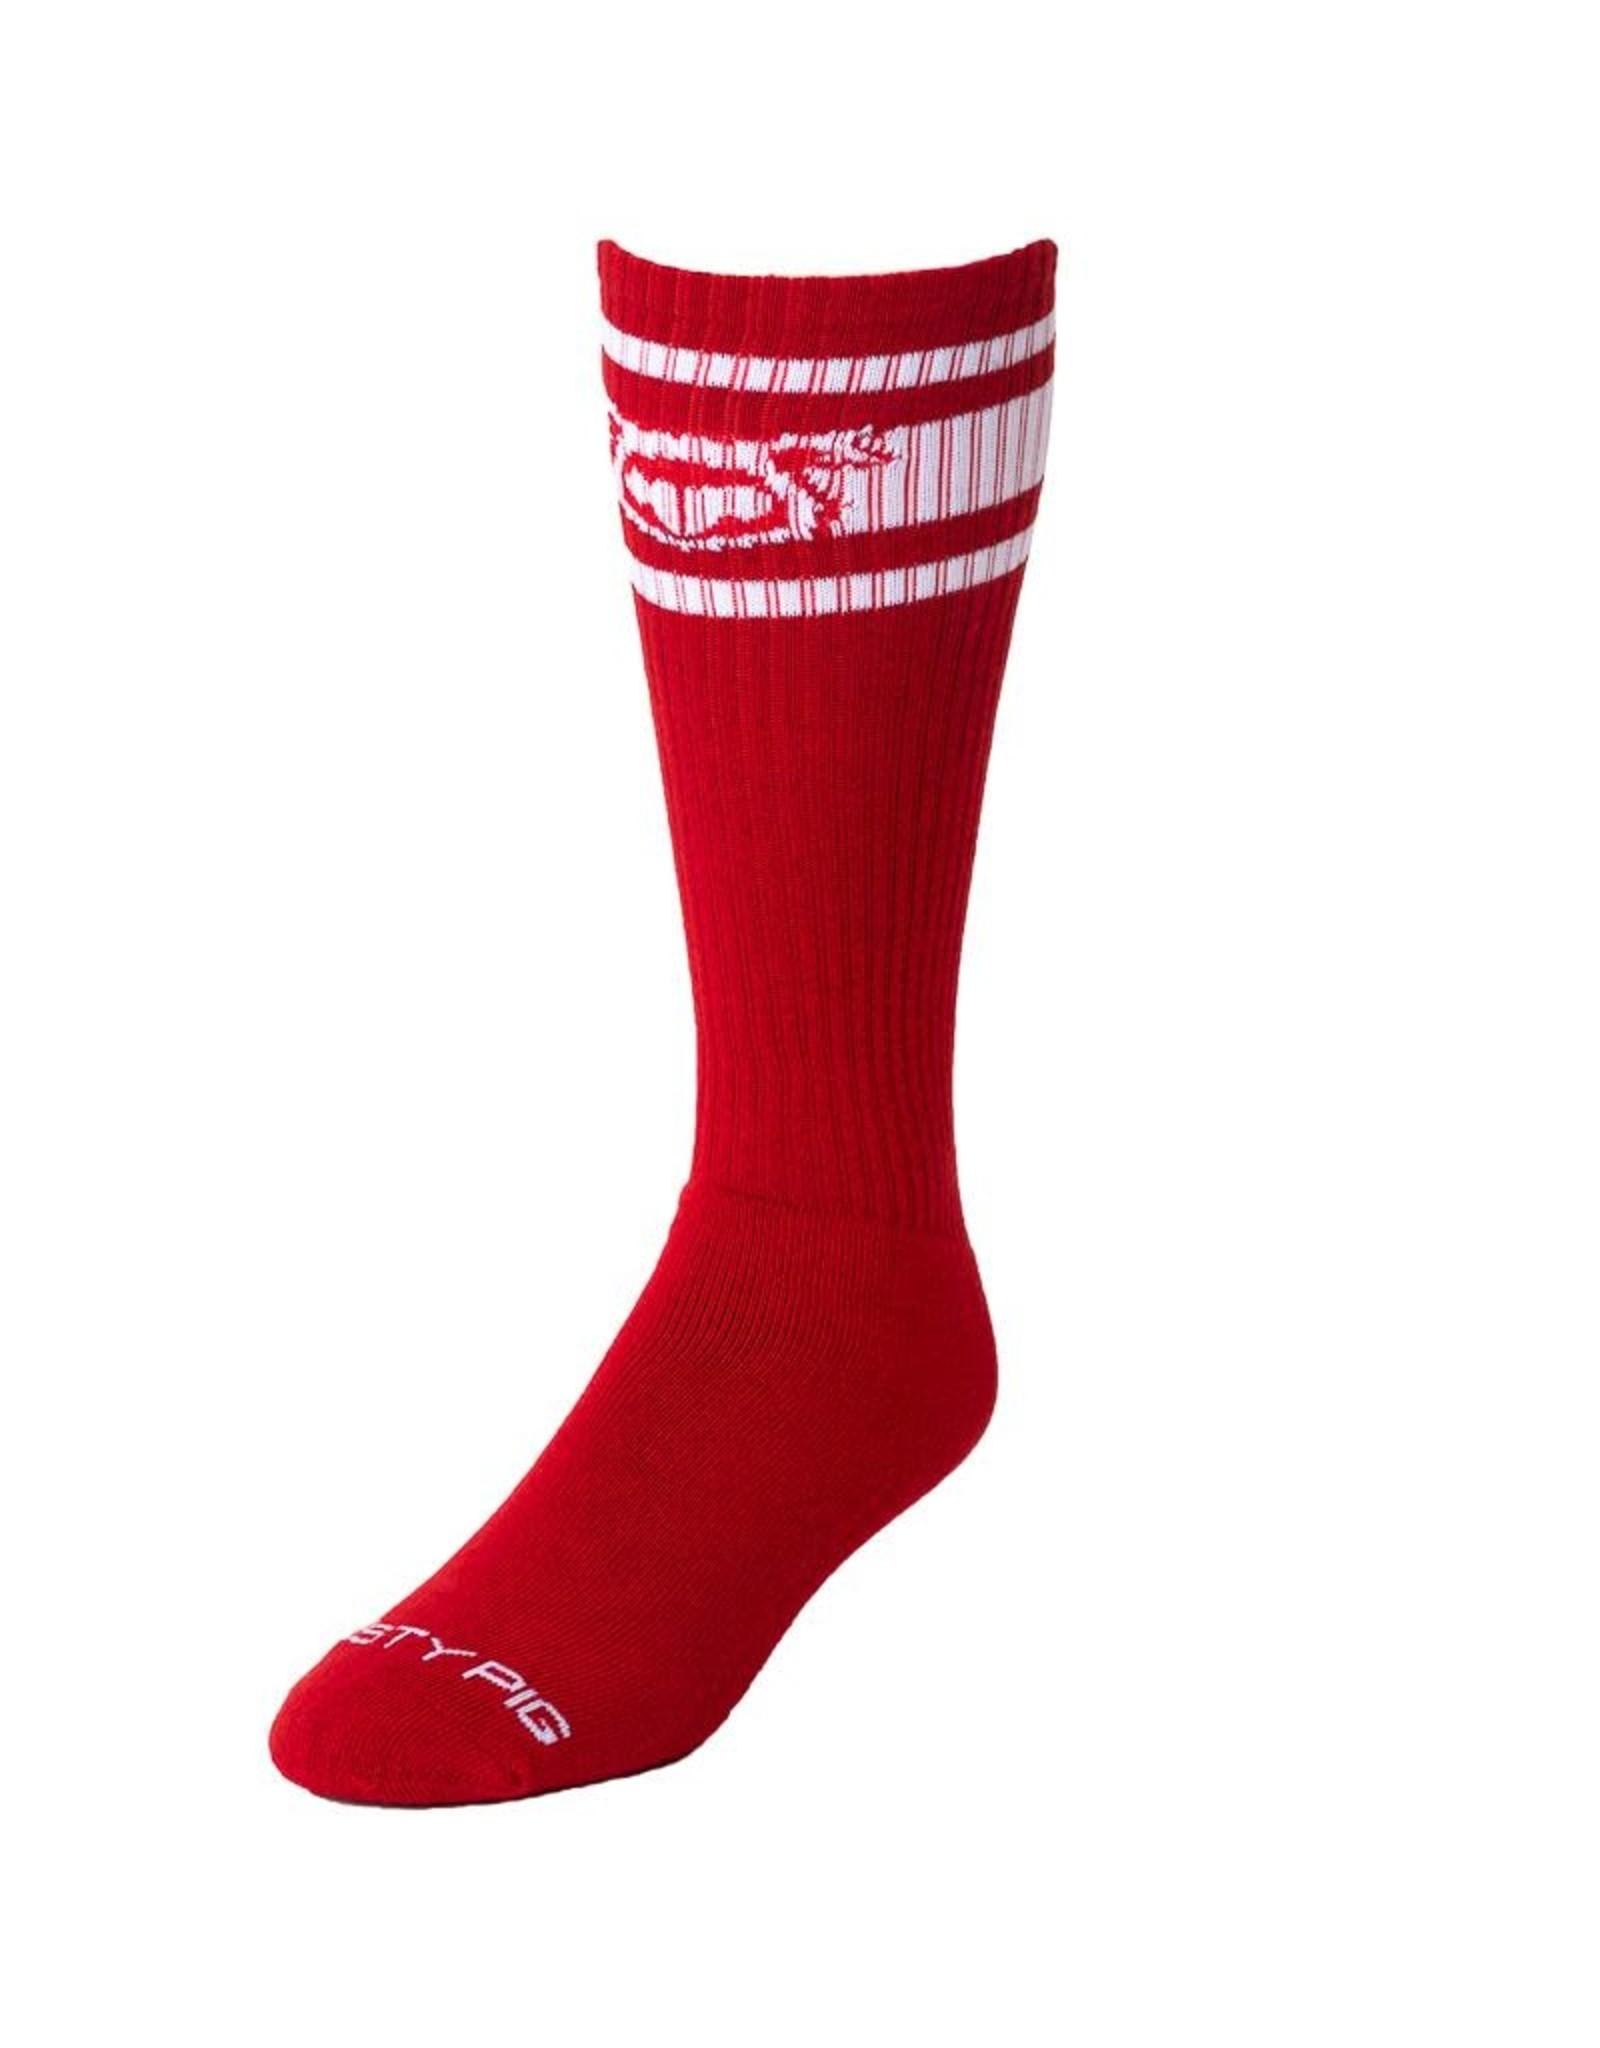 Nasty Pig Nasty Pig Hook'd Up Sport Sock